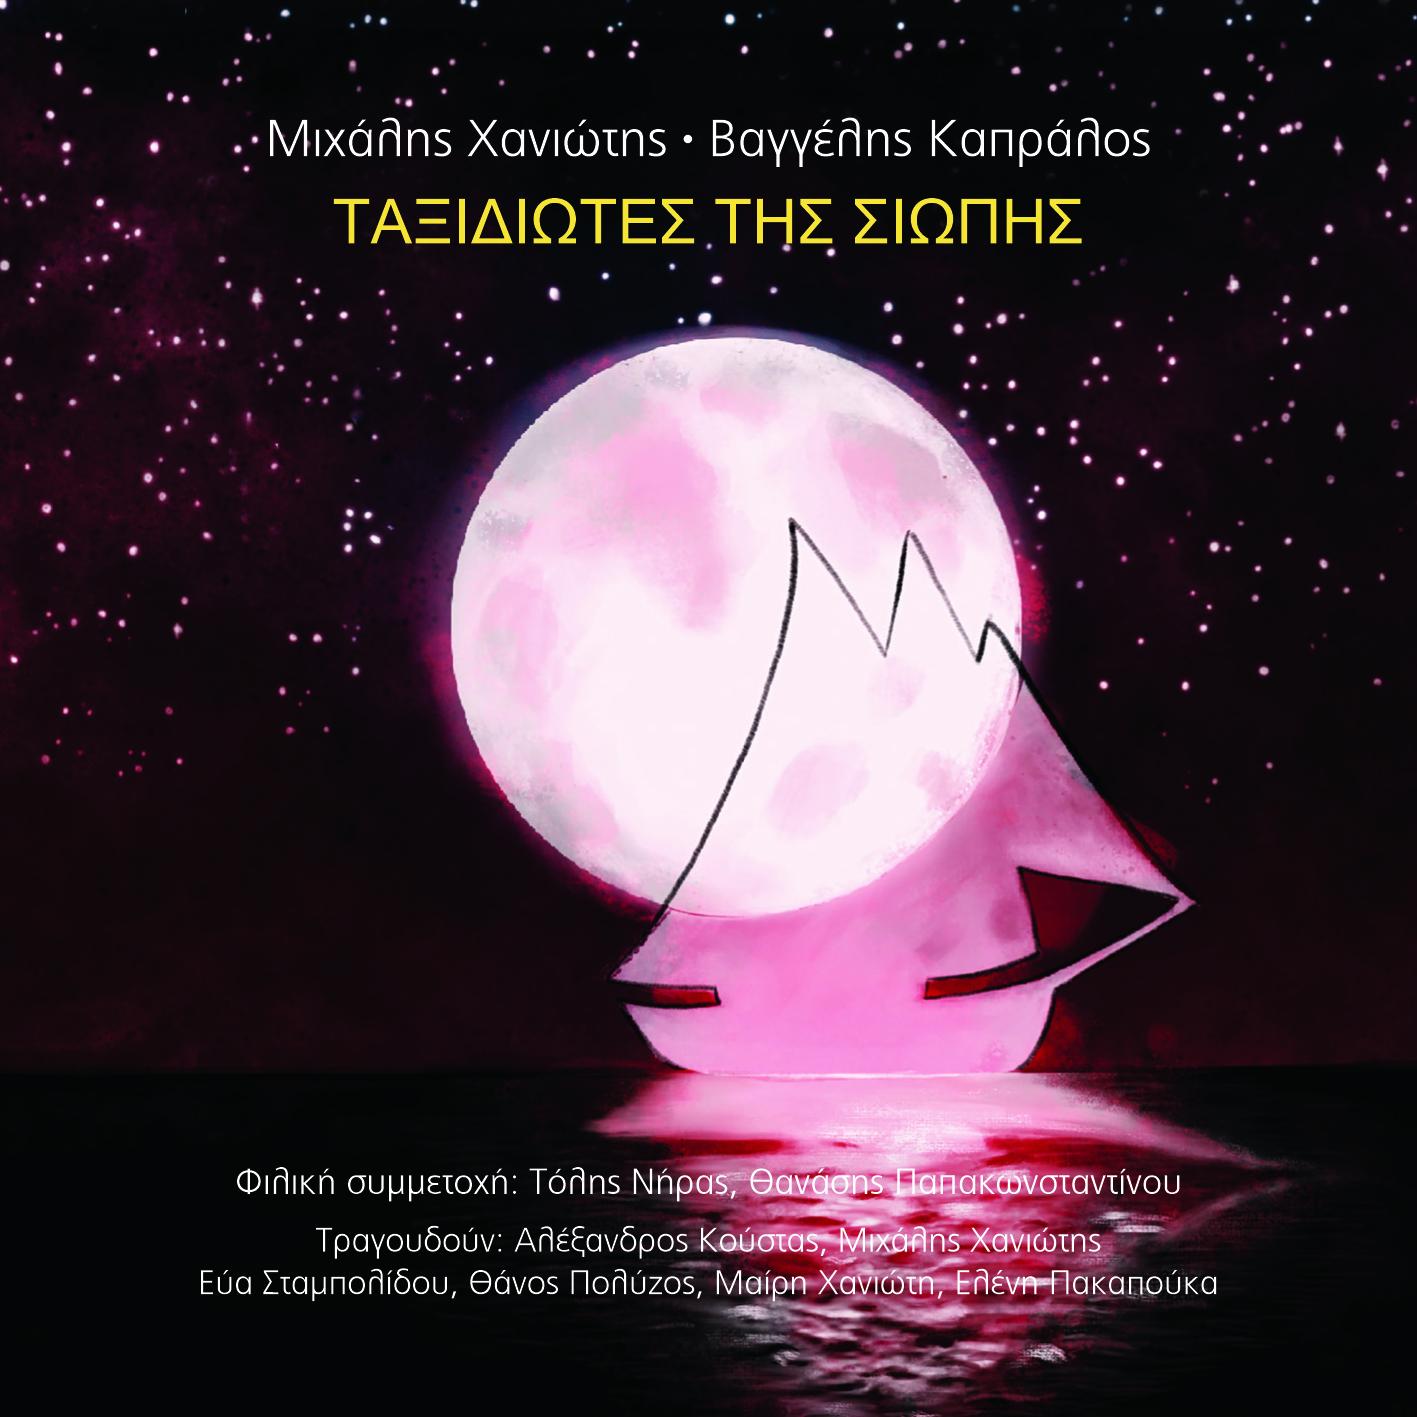 Νέο album: Ταξιδιώτες της σιωπής από τον Μιχάλη Χανιώτη και τον Βαγγέλη Καπράλο